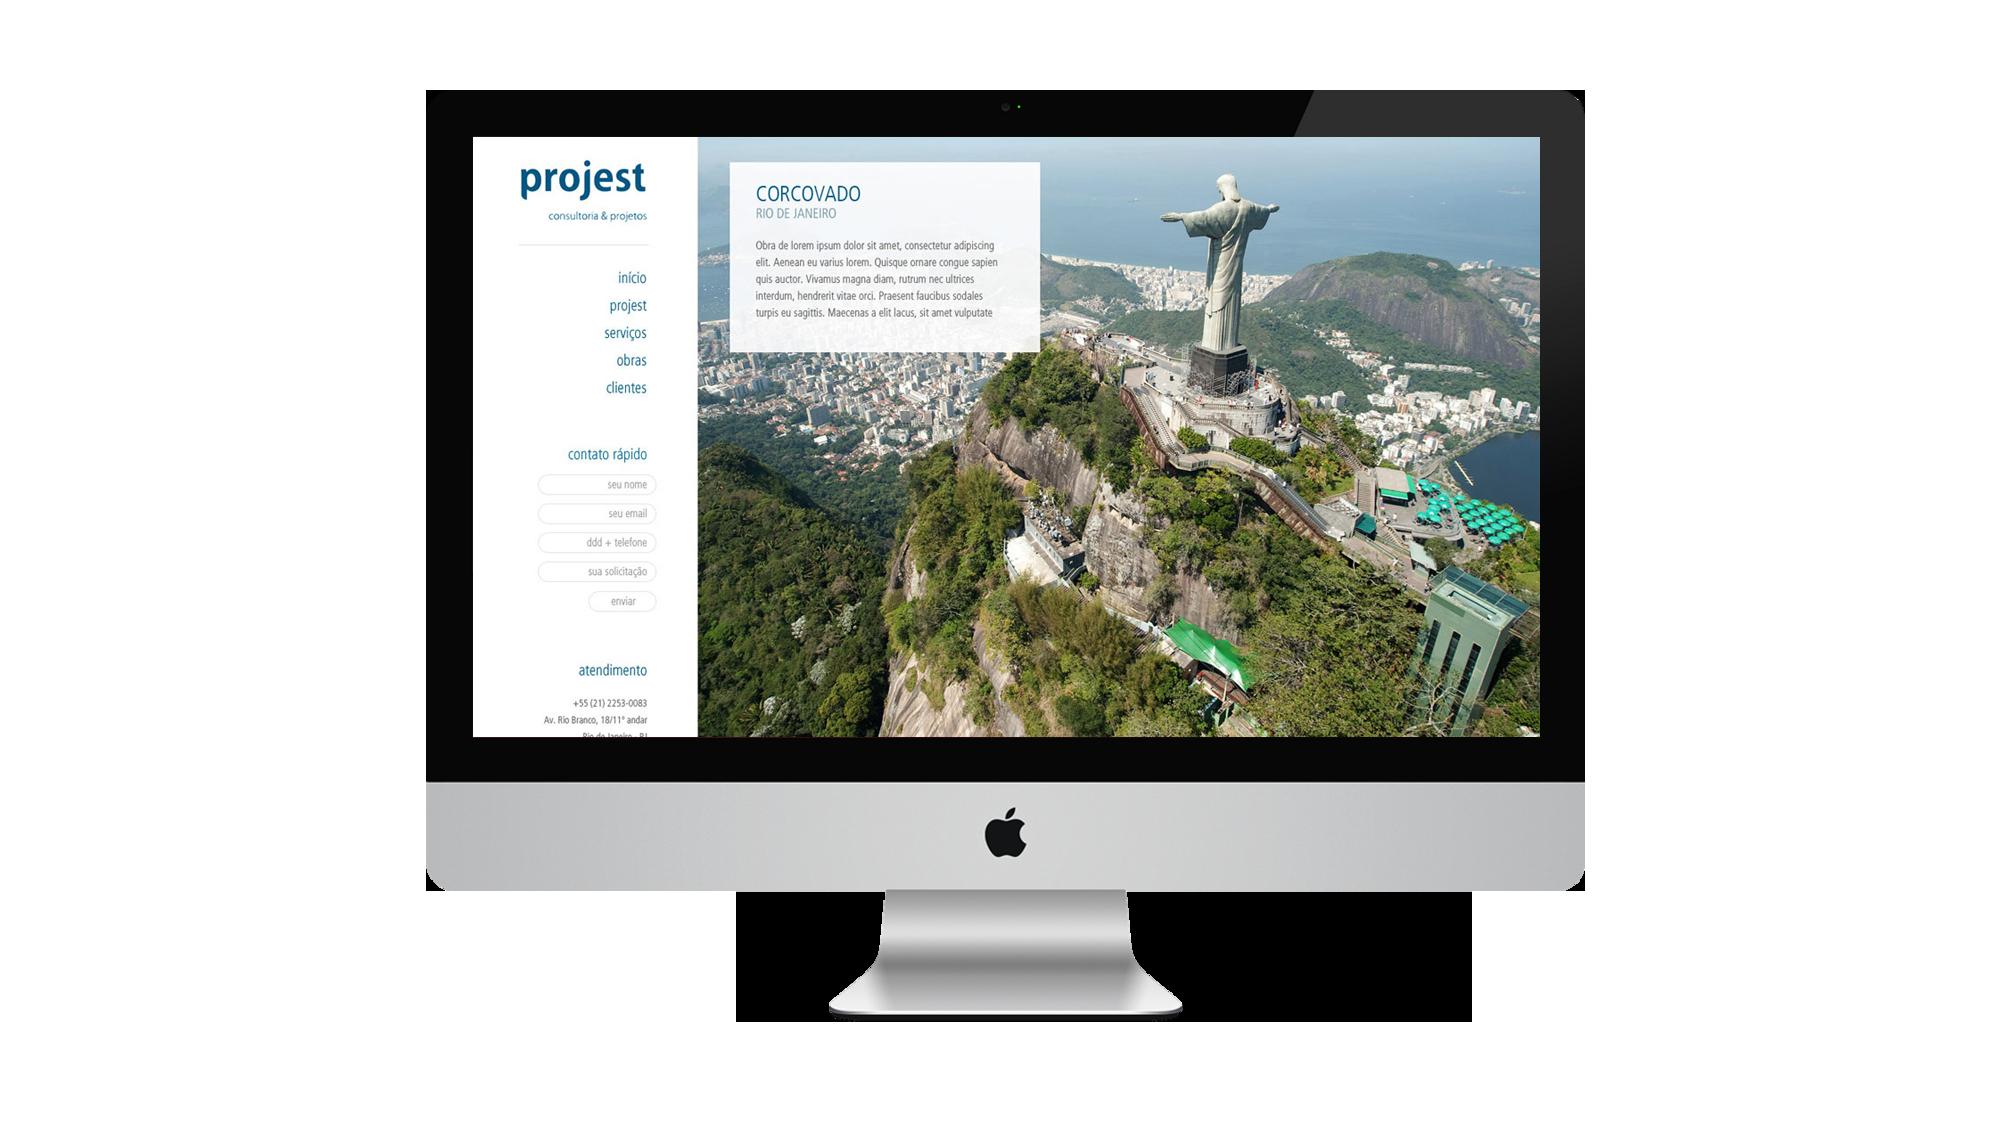 web_projest3